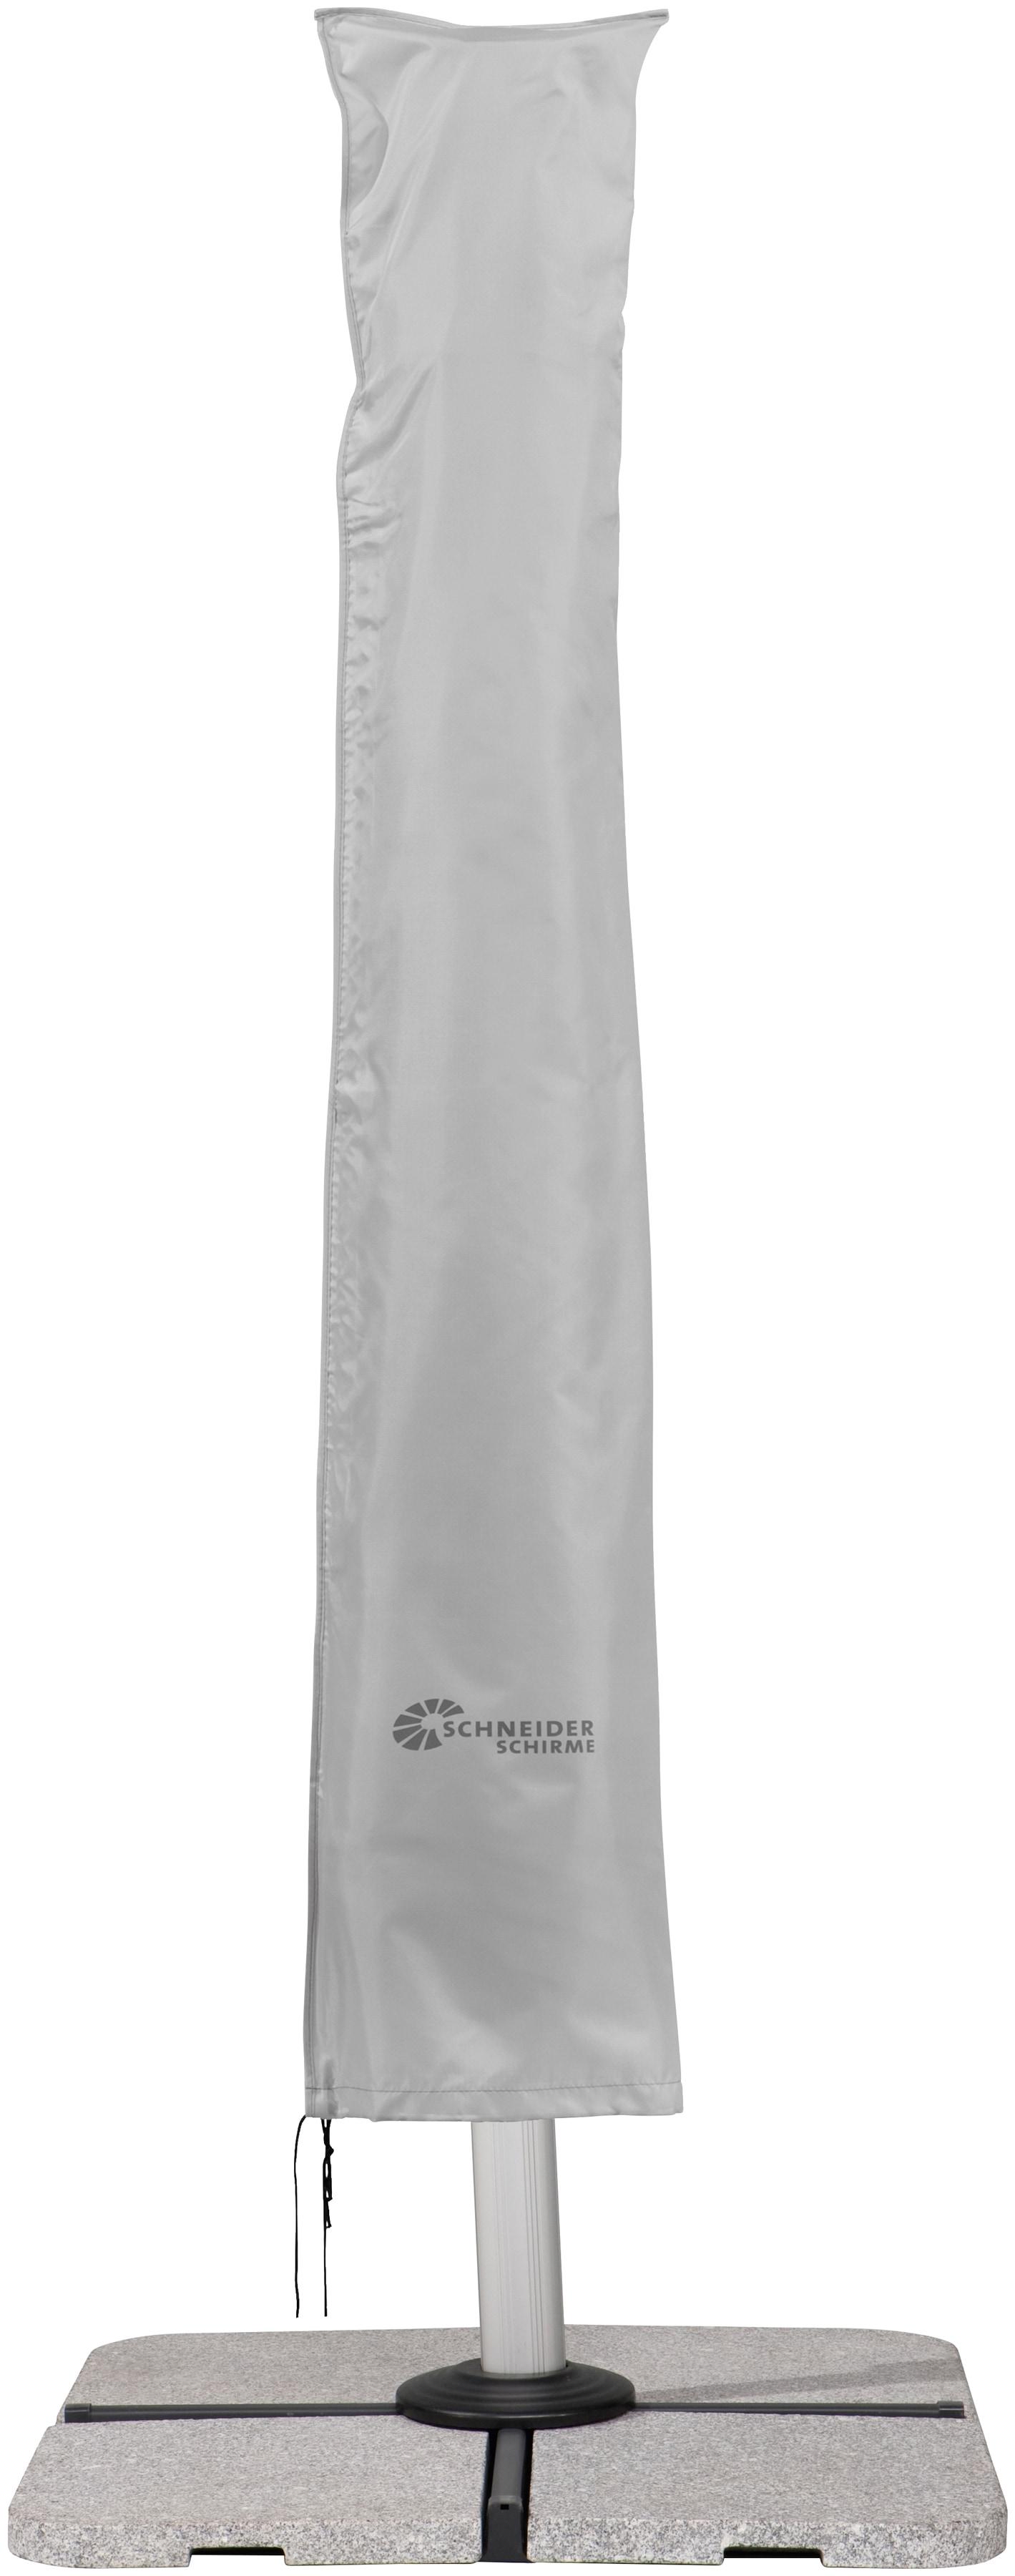 Schneider Schirme Schutzplane 813-40, für Ampelschirme bis Ø 400 cm grau Sonnenschirme -segel Gartenmöbel Gartendeko